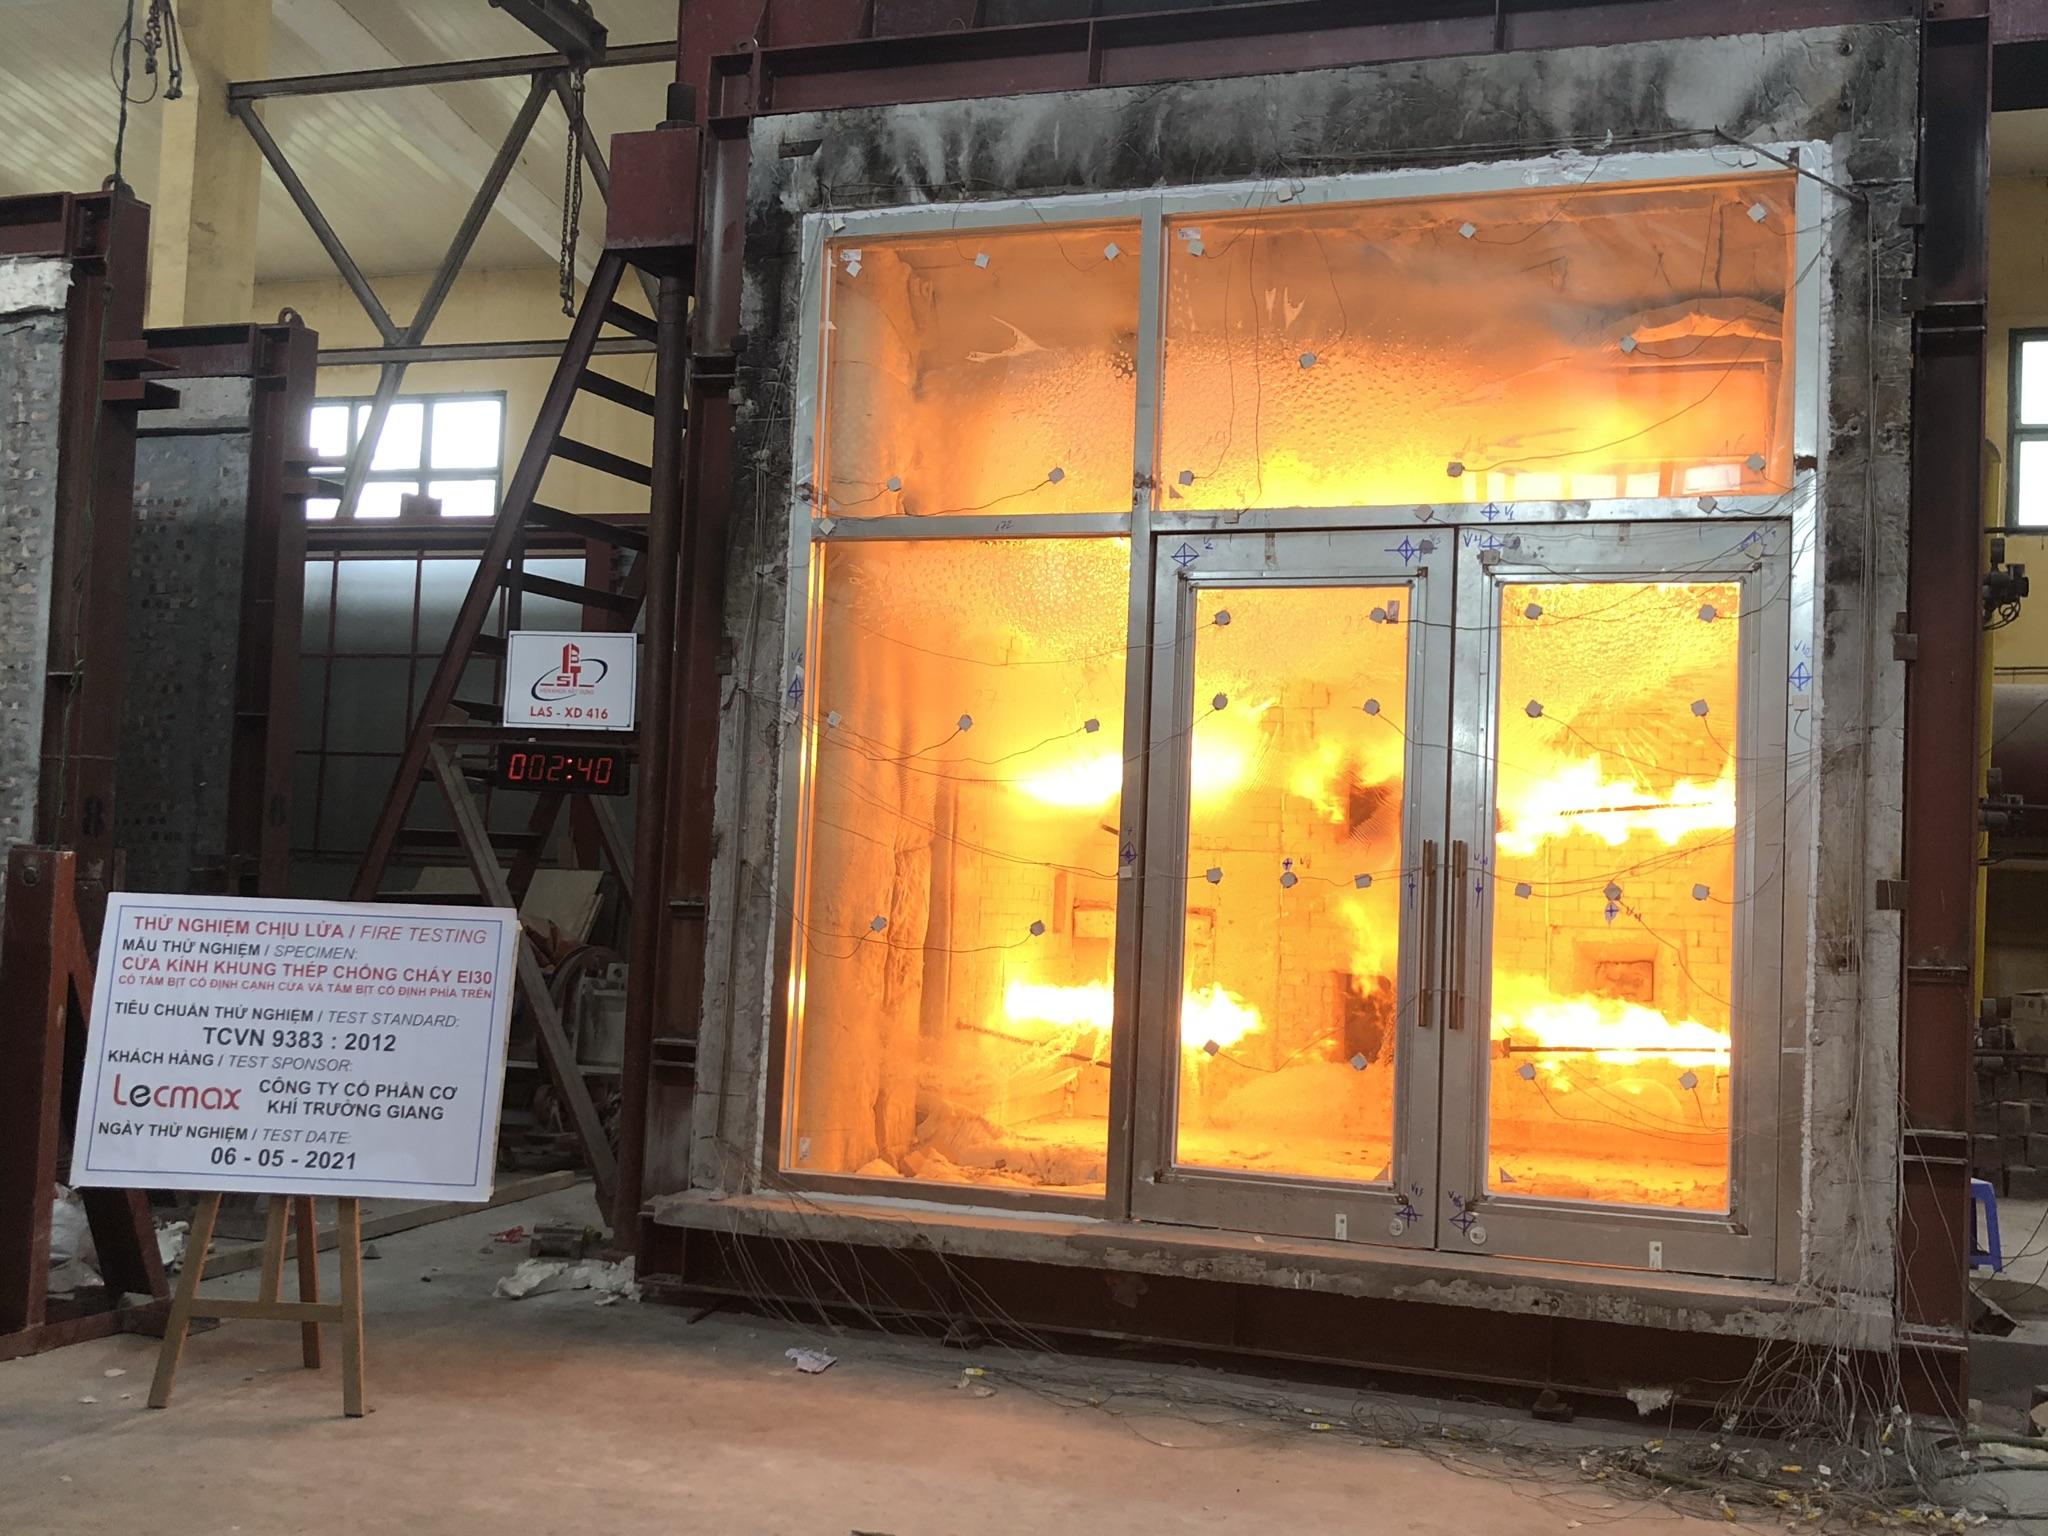 LECMAX thử nghiệm Cưa kính khung thép chống cháy EI30